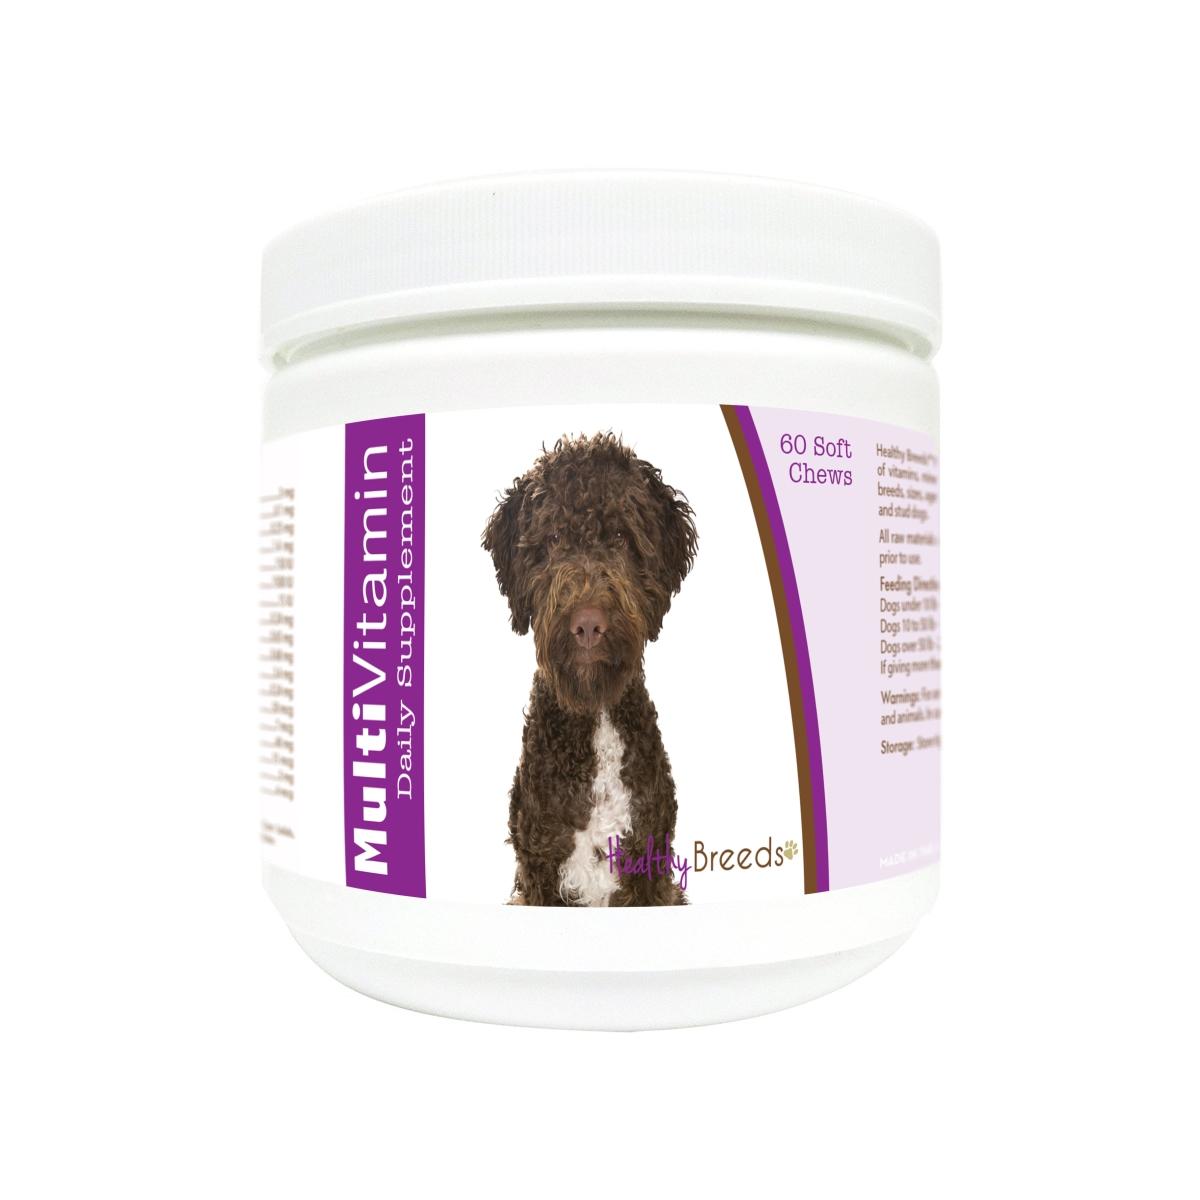 Healthy Breeds 840235176817 Lagotti Romagnoli Multi-Vitamin Soft Chews - 60 Count